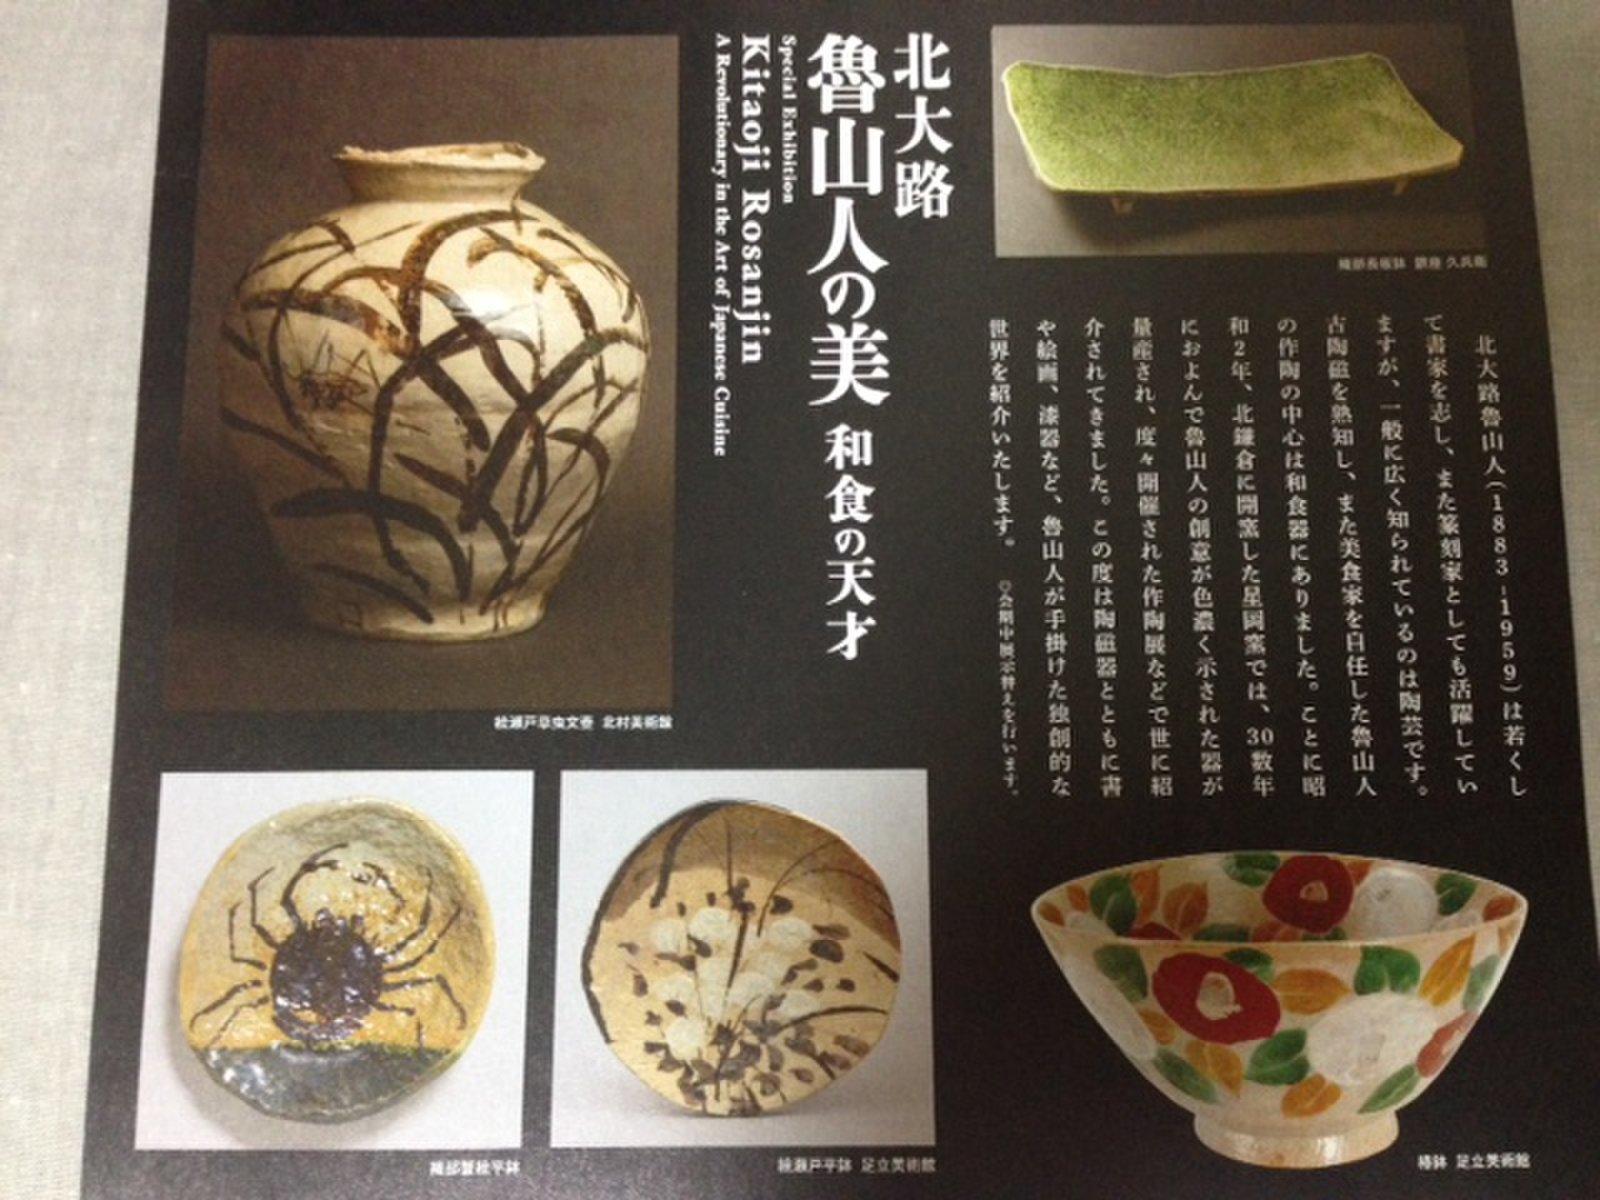 三井記念美術館